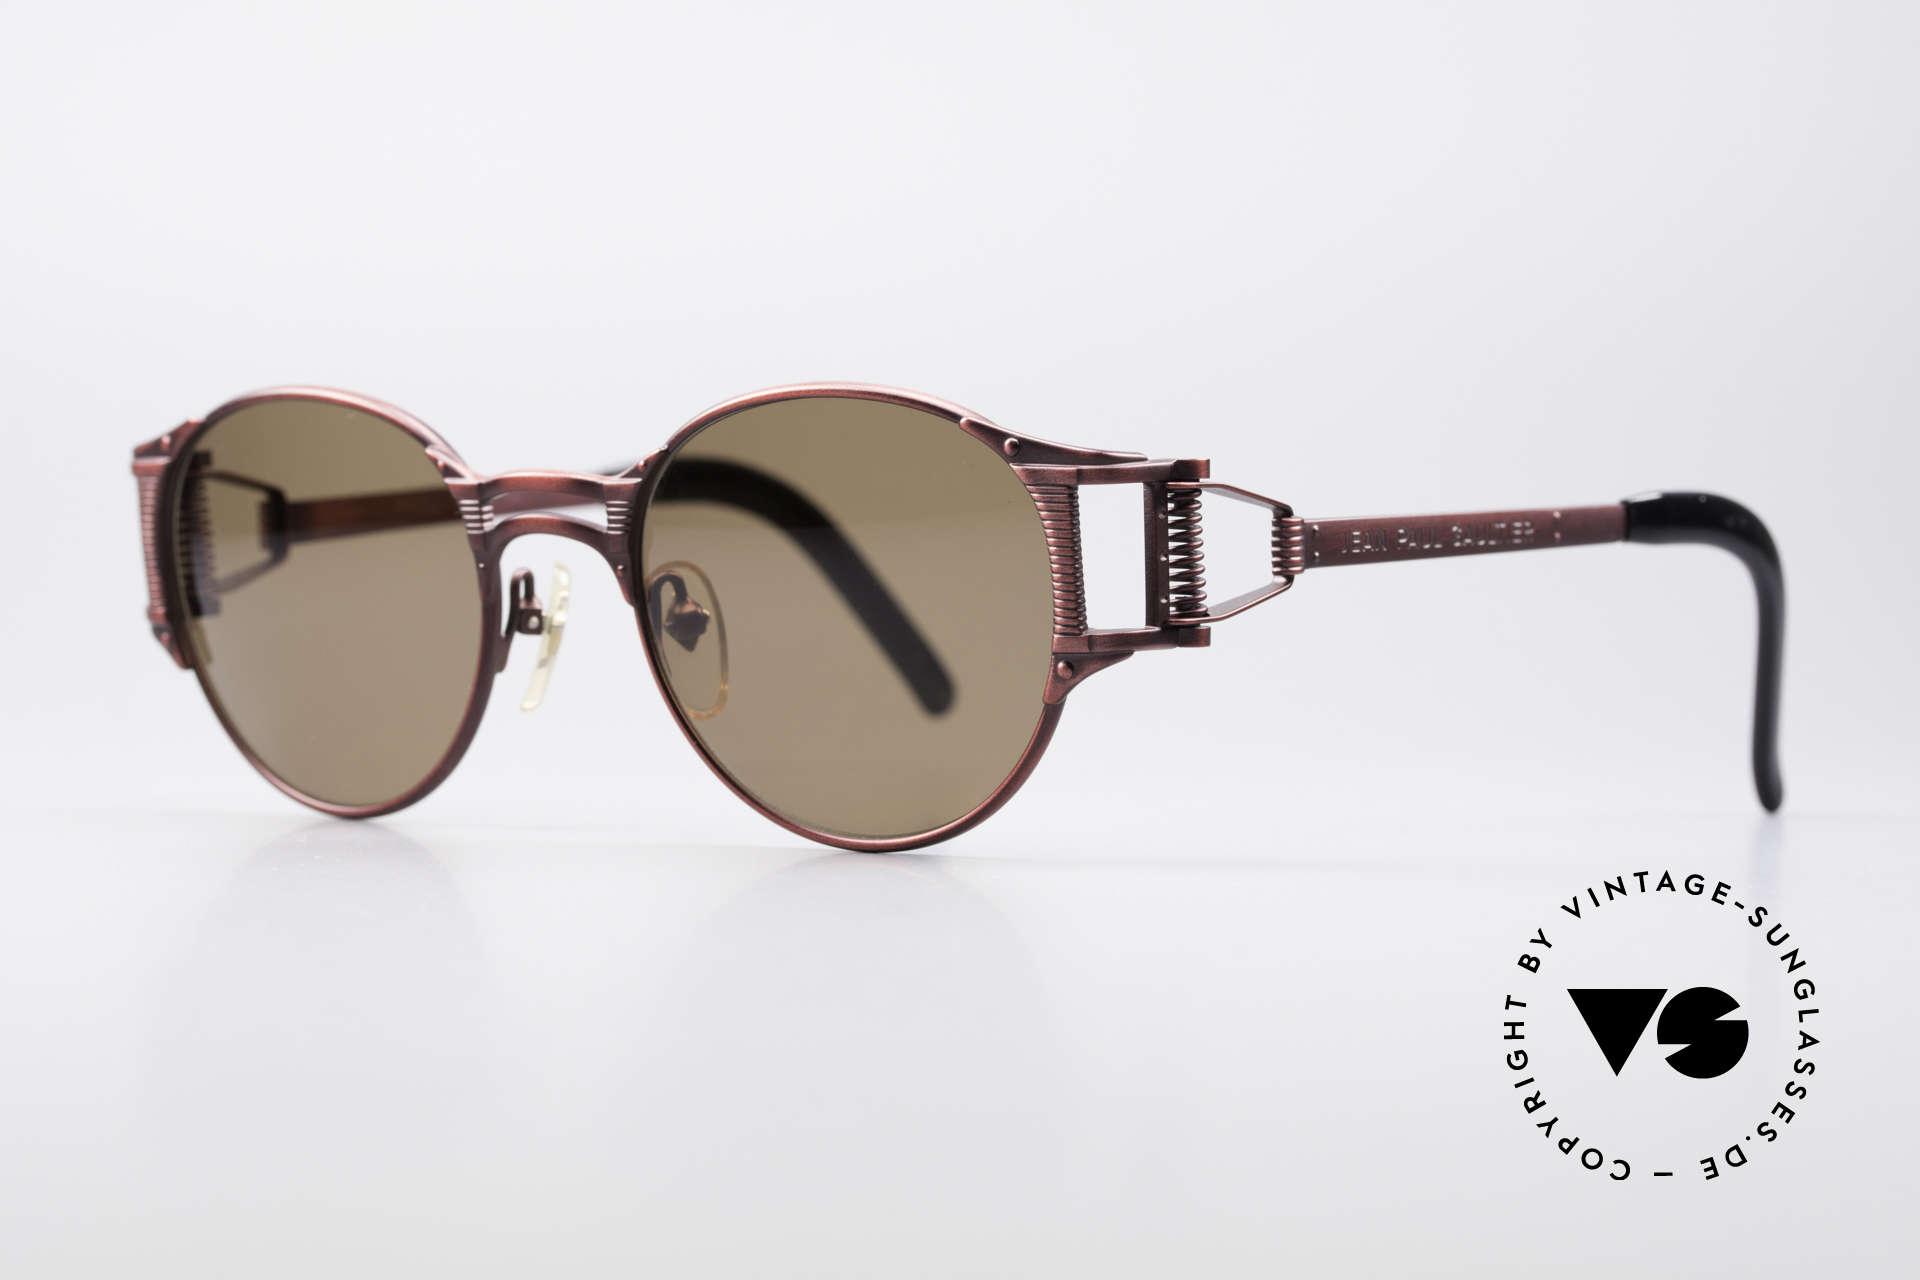 Jean Paul Gaultier 56-5105 Rare Celebrity Sonnenbrille, getragen von diversen US Hip-Hop Celebrities (Rapper ..), Passend für Herren und Damen